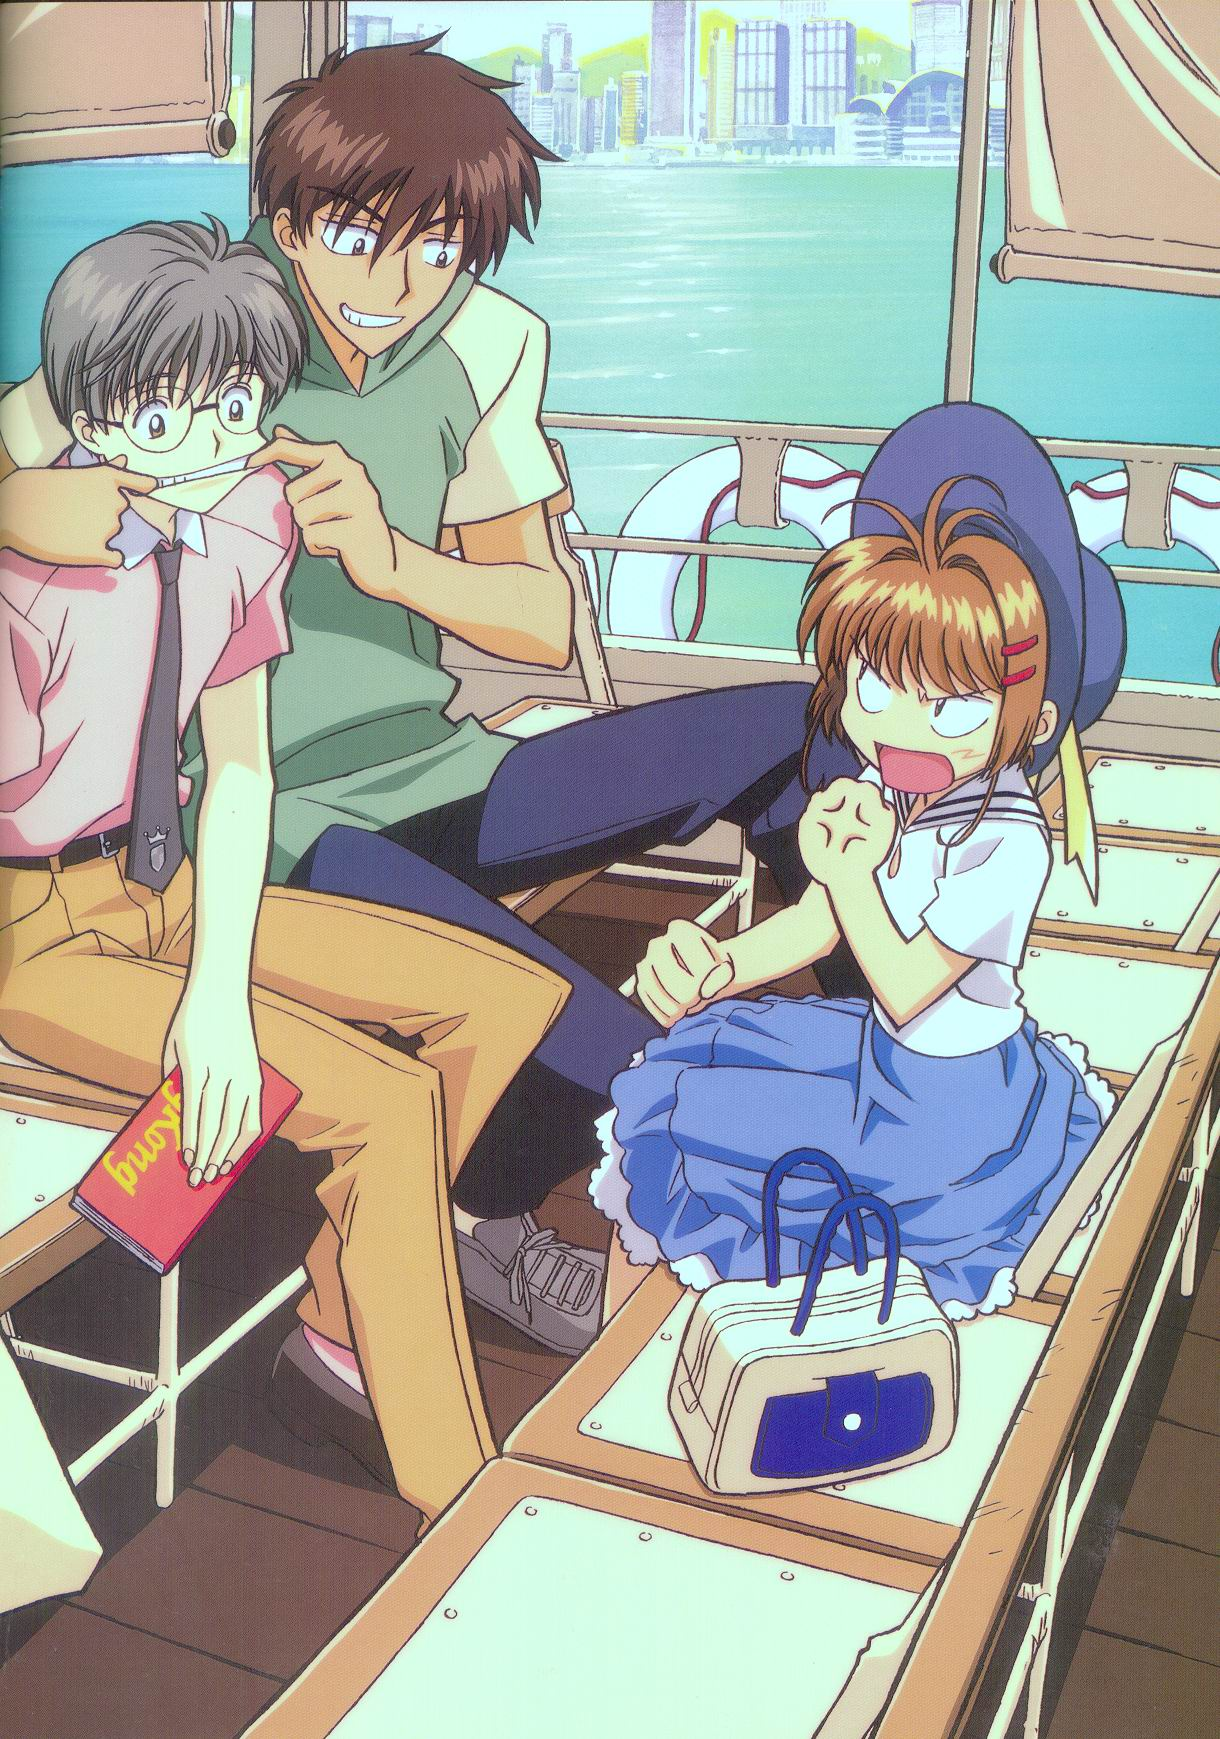 Cardcaptor Sakura 392050 Zerochan